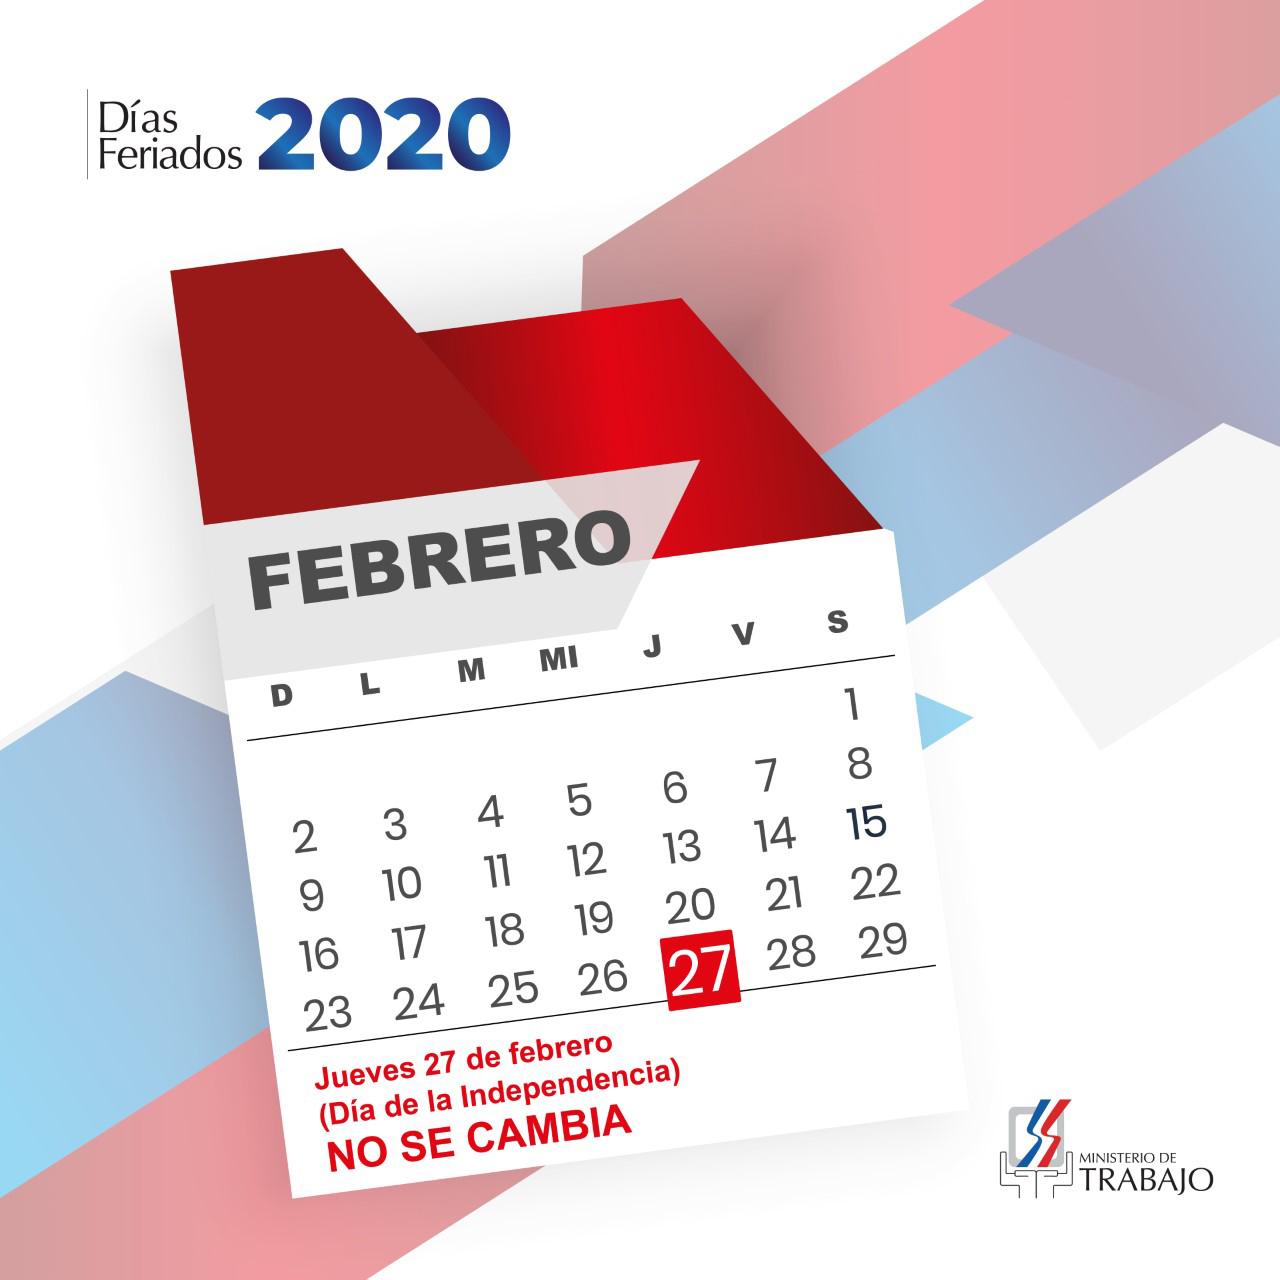 """Ministerio de Trabajo reitera """"Día de la Independencia"""" no se labora"""